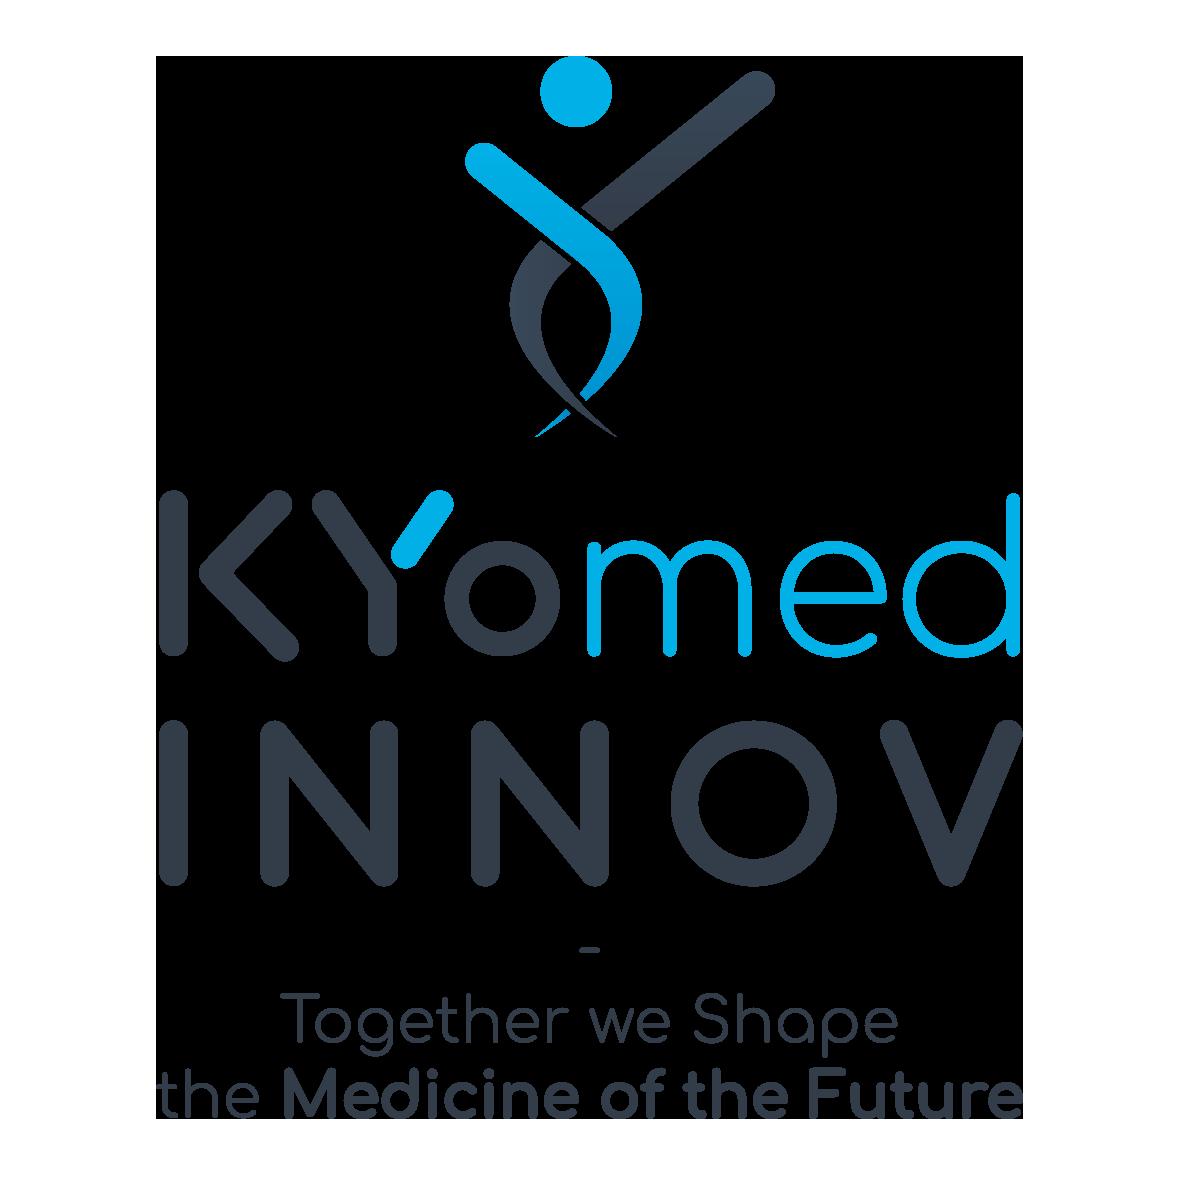 KYomed Innov logo